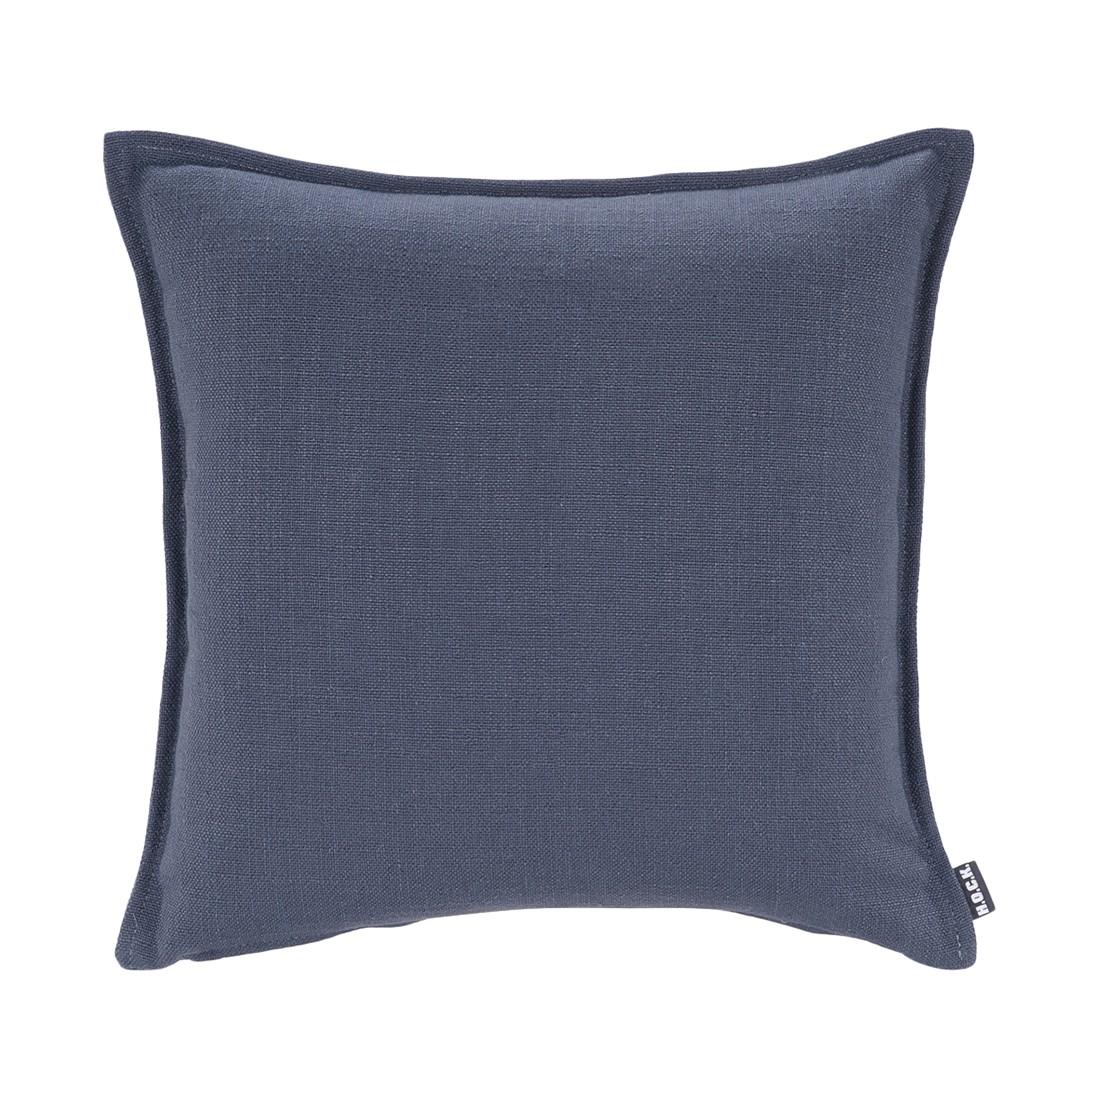 kissen manhattan leinen blau 45x45cm h o c k online bestellen. Black Bedroom Furniture Sets. Home Design Ideas